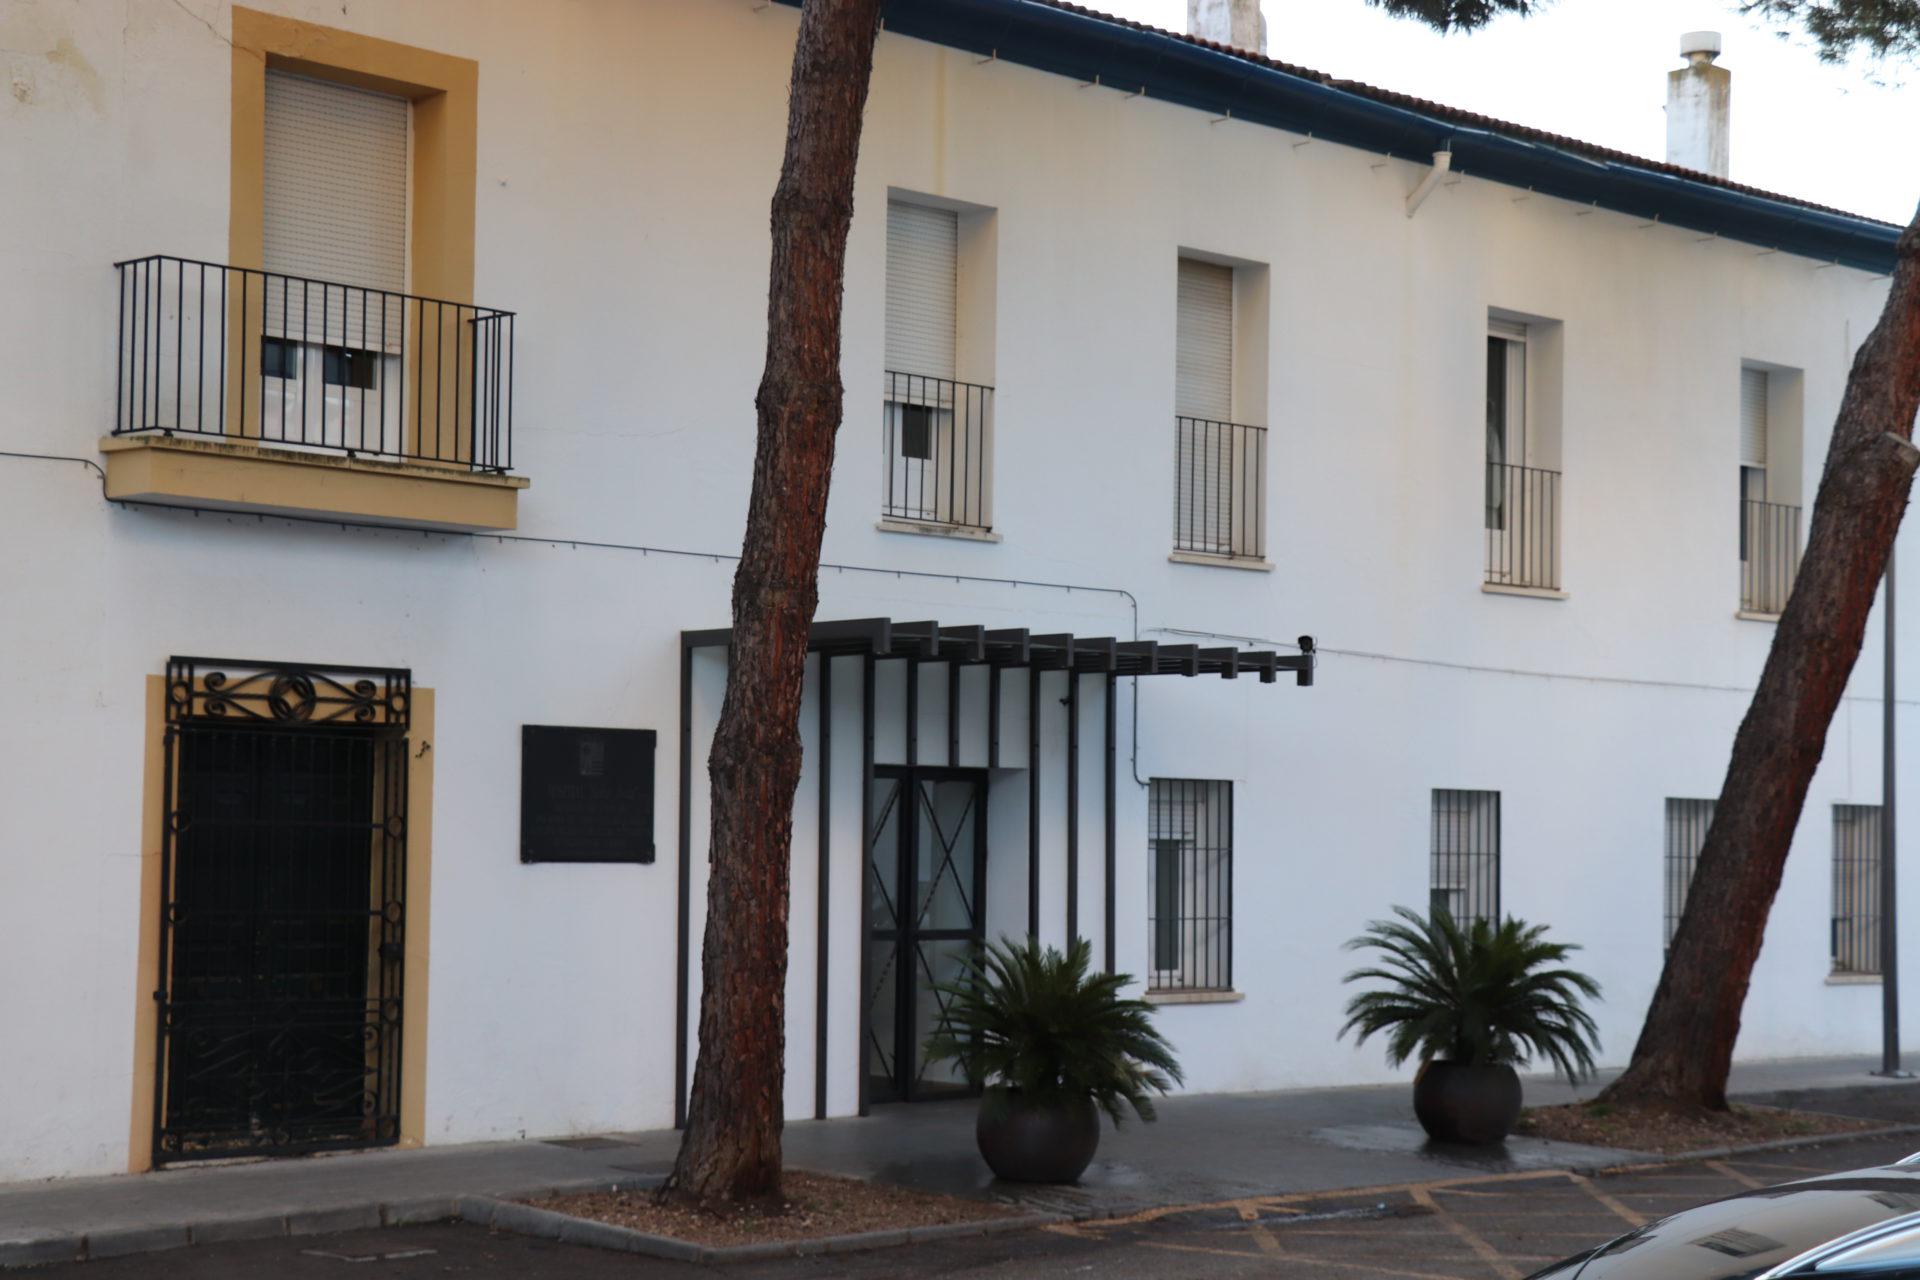 Adjudicado a la empresa Ribera Salud el arrendamiento del inmueble del hospital Santa Justa